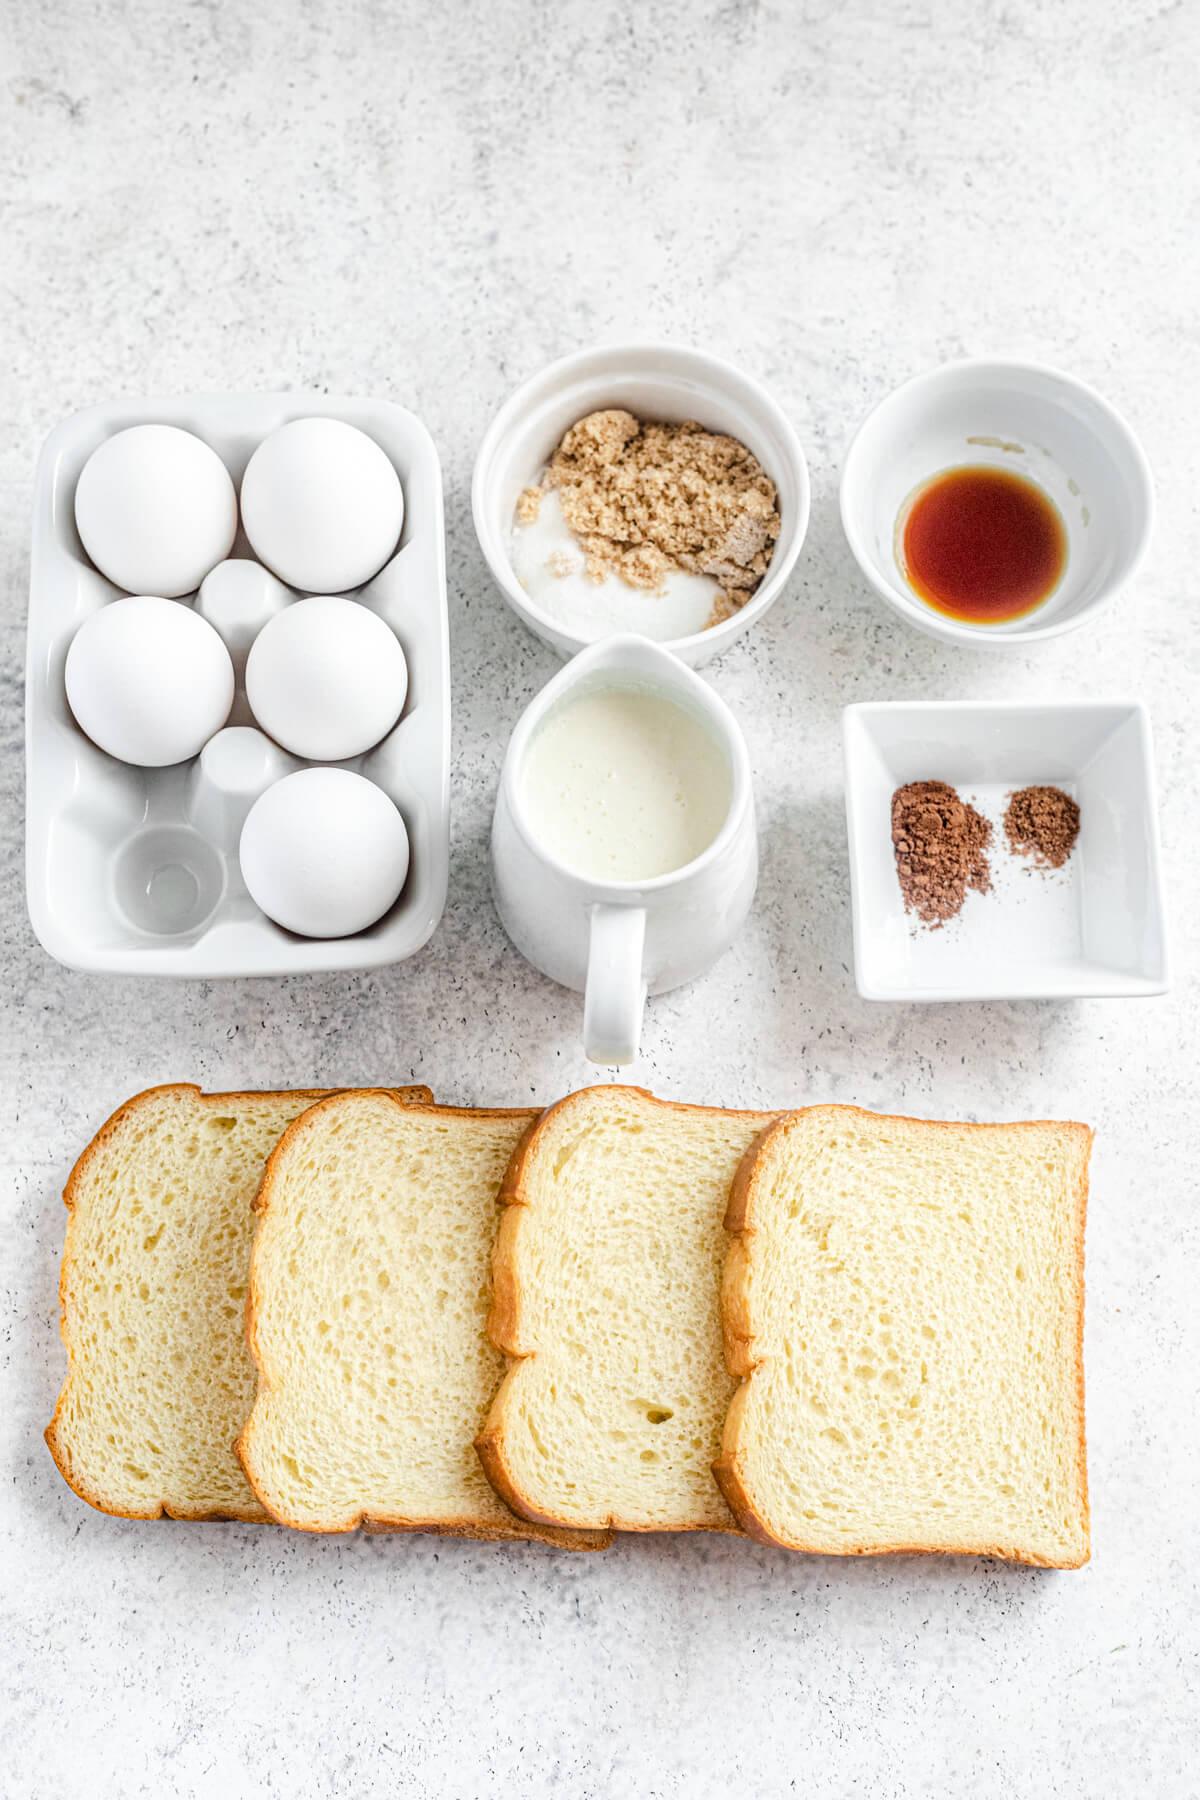 eggs, brown and white sugar, vanilla, milk and cream, cinnamon and nutmeg, and brioche slices